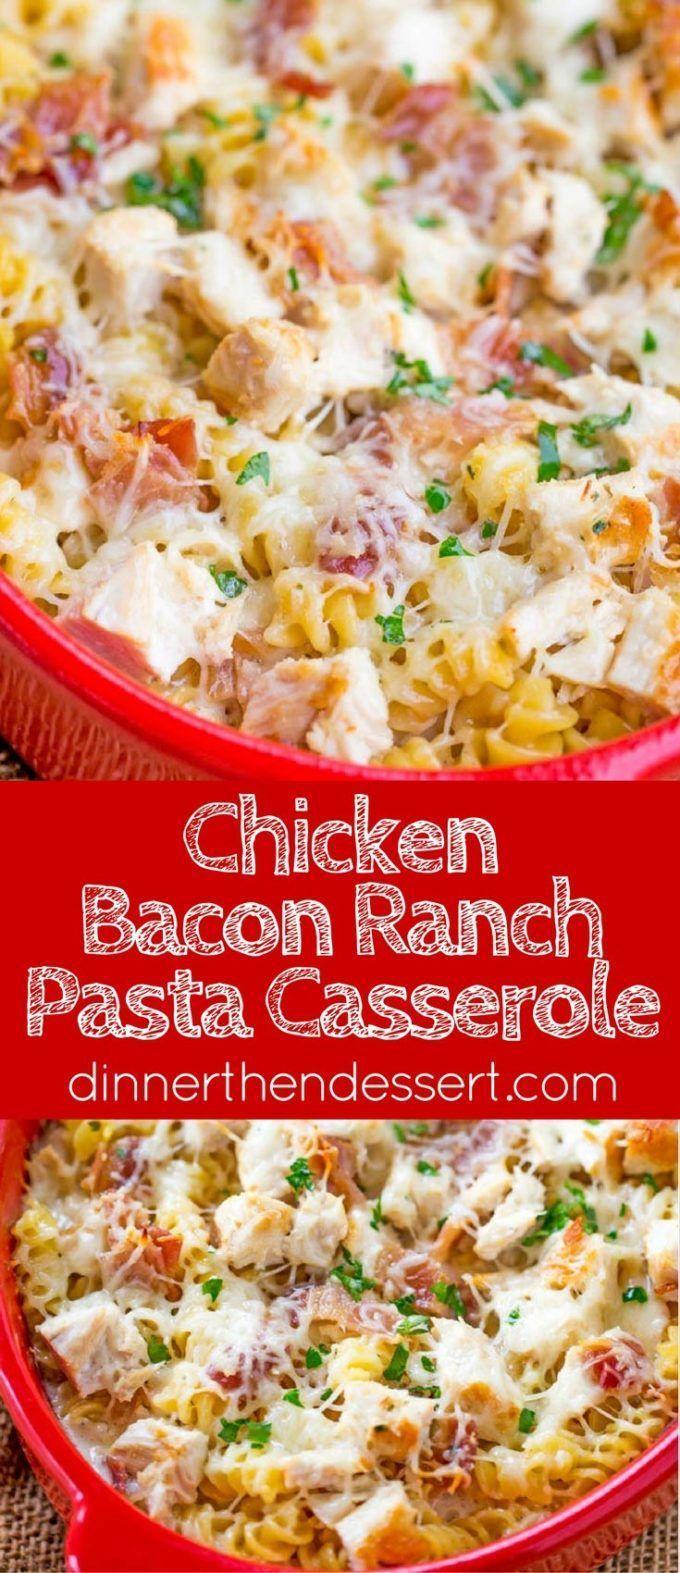 Chicken Bacon Ranch Pasta Bake ist ein einfacher Auflauf mit cremiger Alfredo-Sauce …